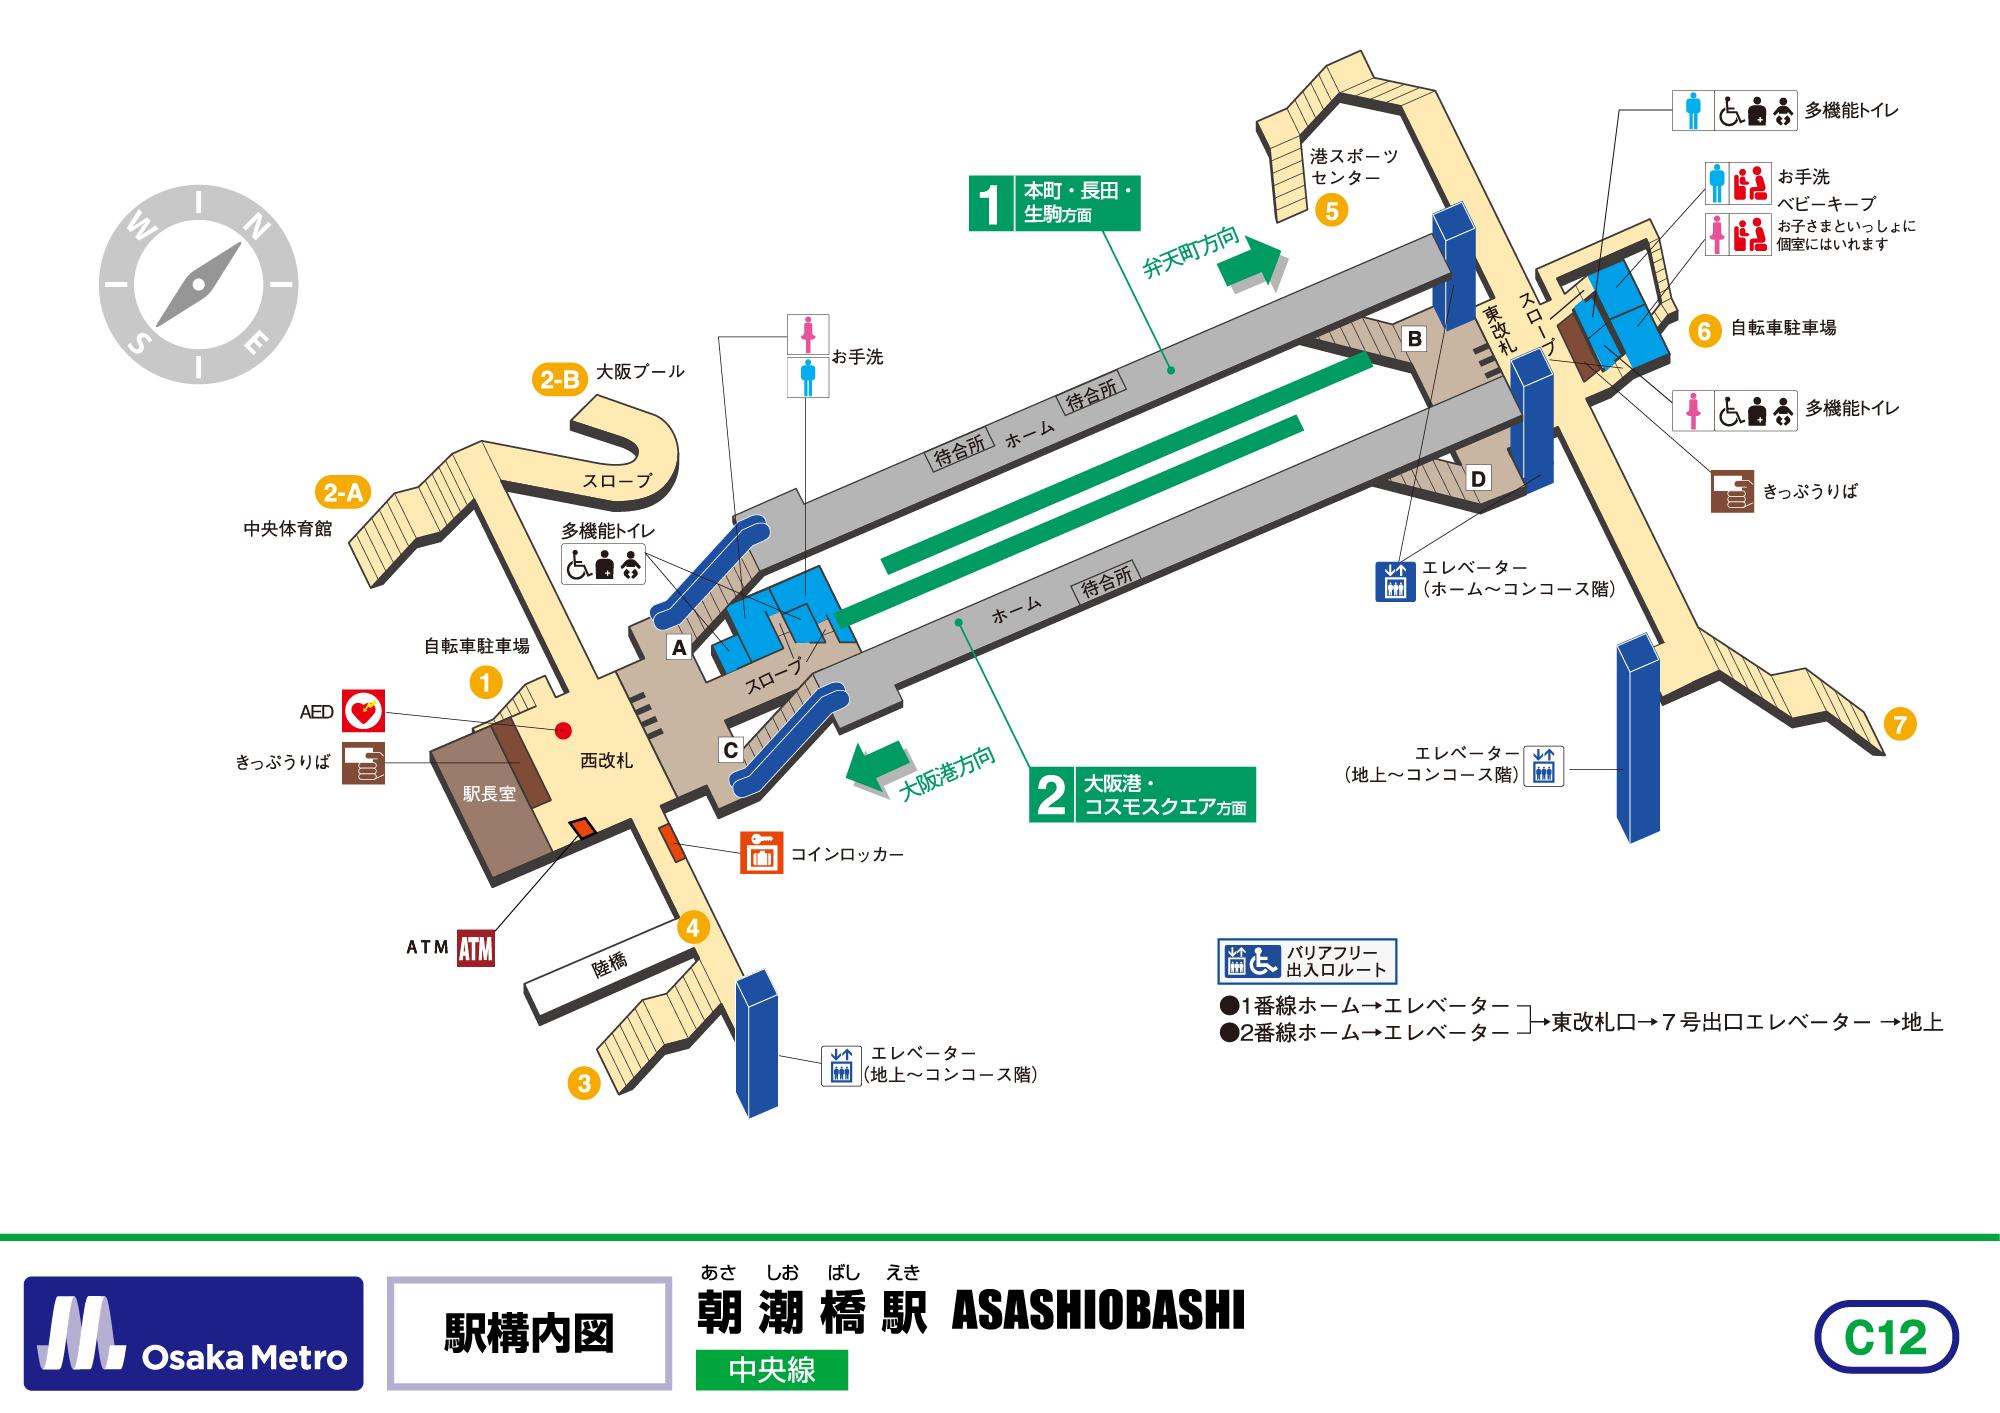 近畿日本鉄道|駅構内図 大阪阿部野橋駅